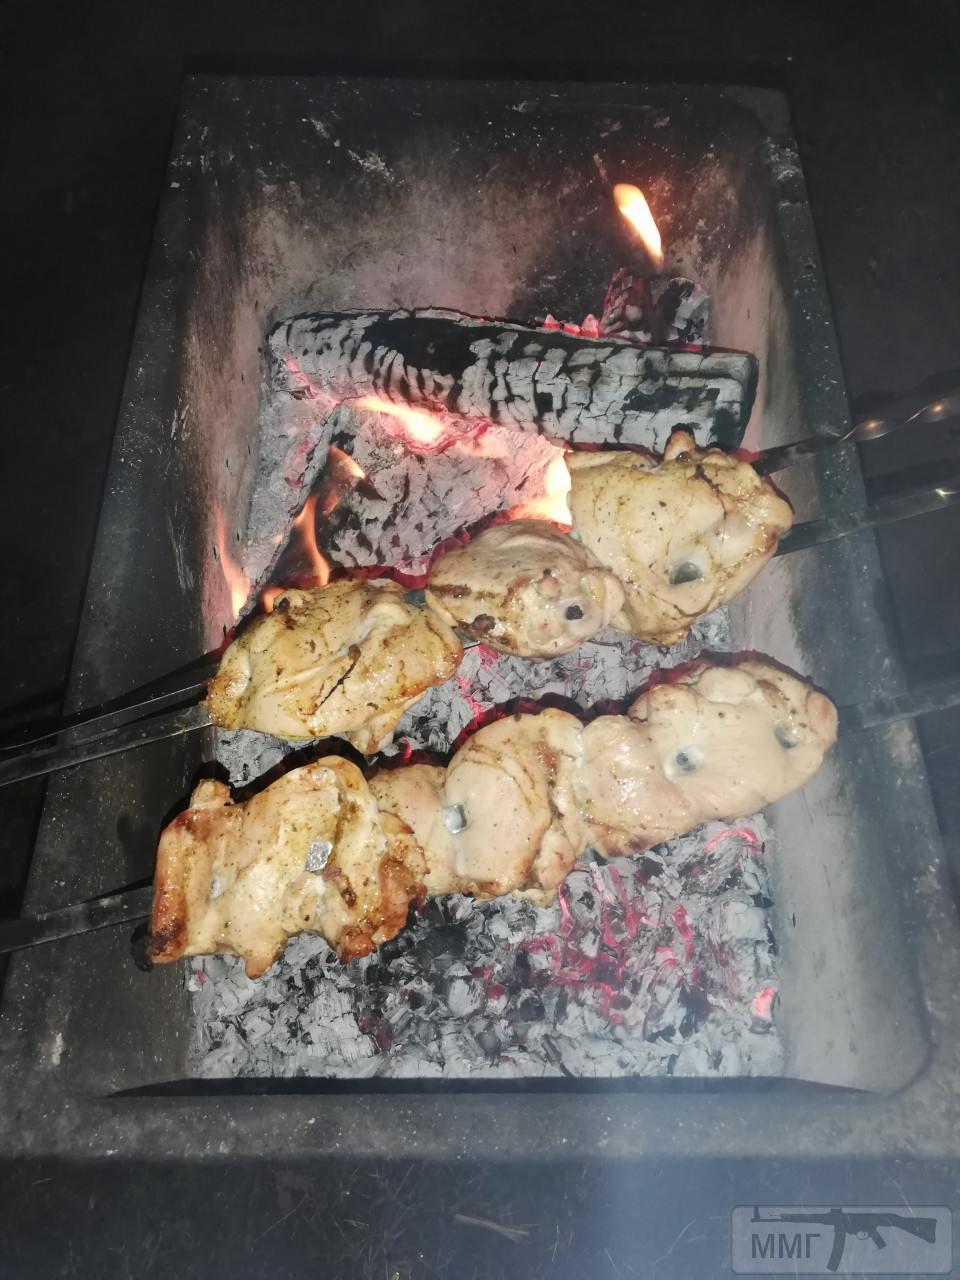 99857 - Закуски на огне (мангал, барбекю и т.д.) и кулинария вообще. Советы и рецепты.